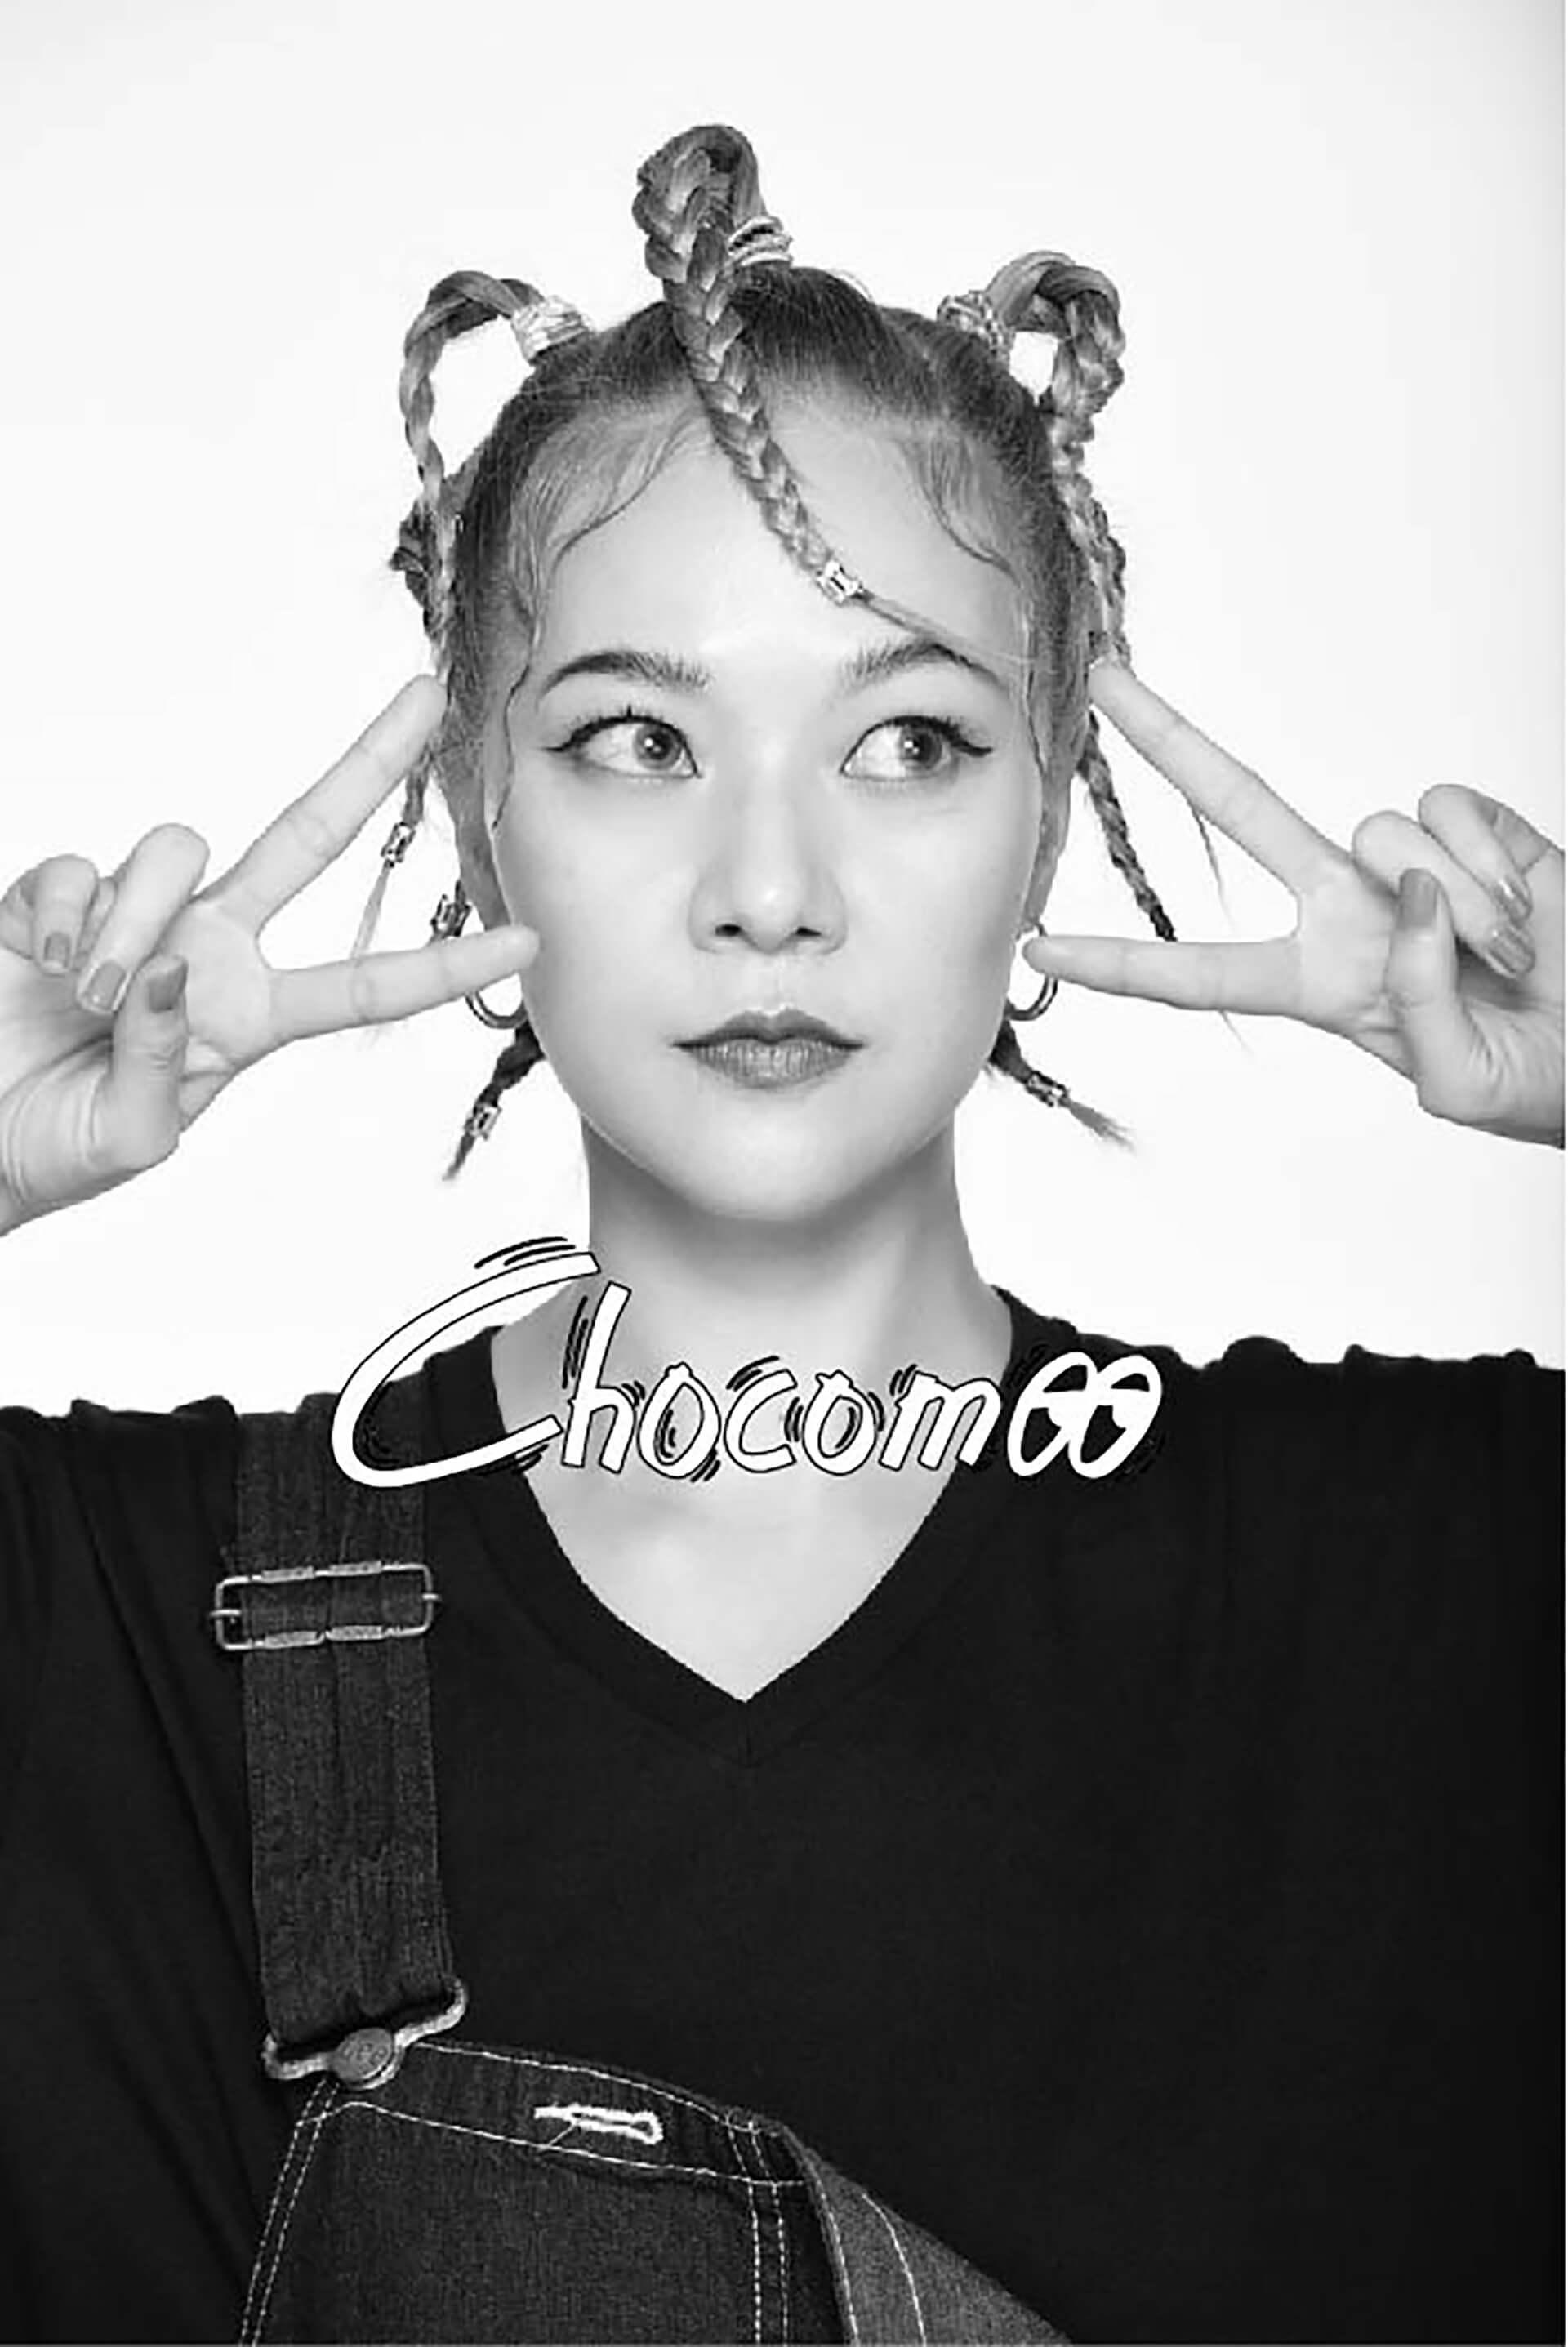 Chocomoo(チョコムー)個展・本人